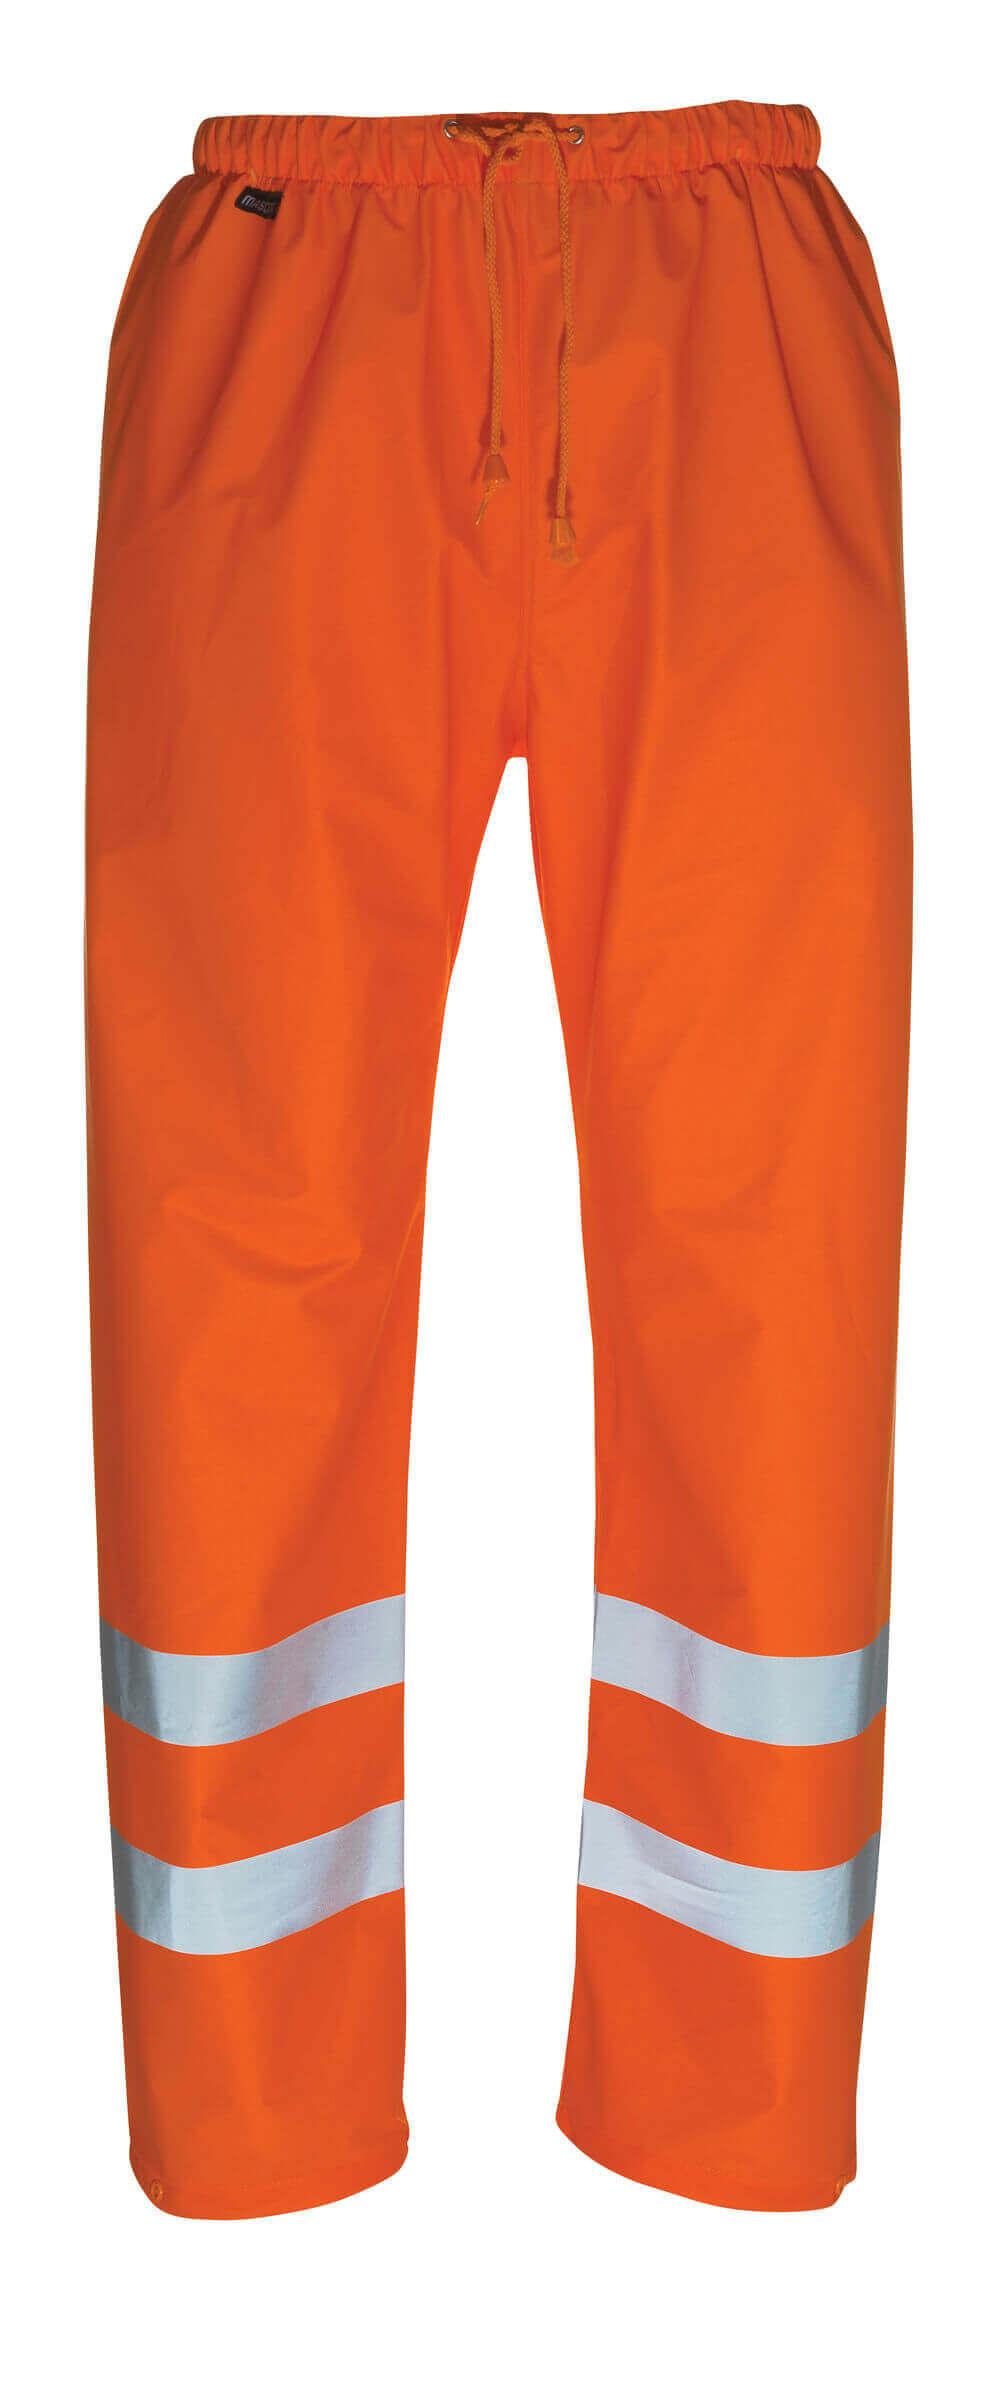 50102-814-14 Regenbroek - hi-vis oranje